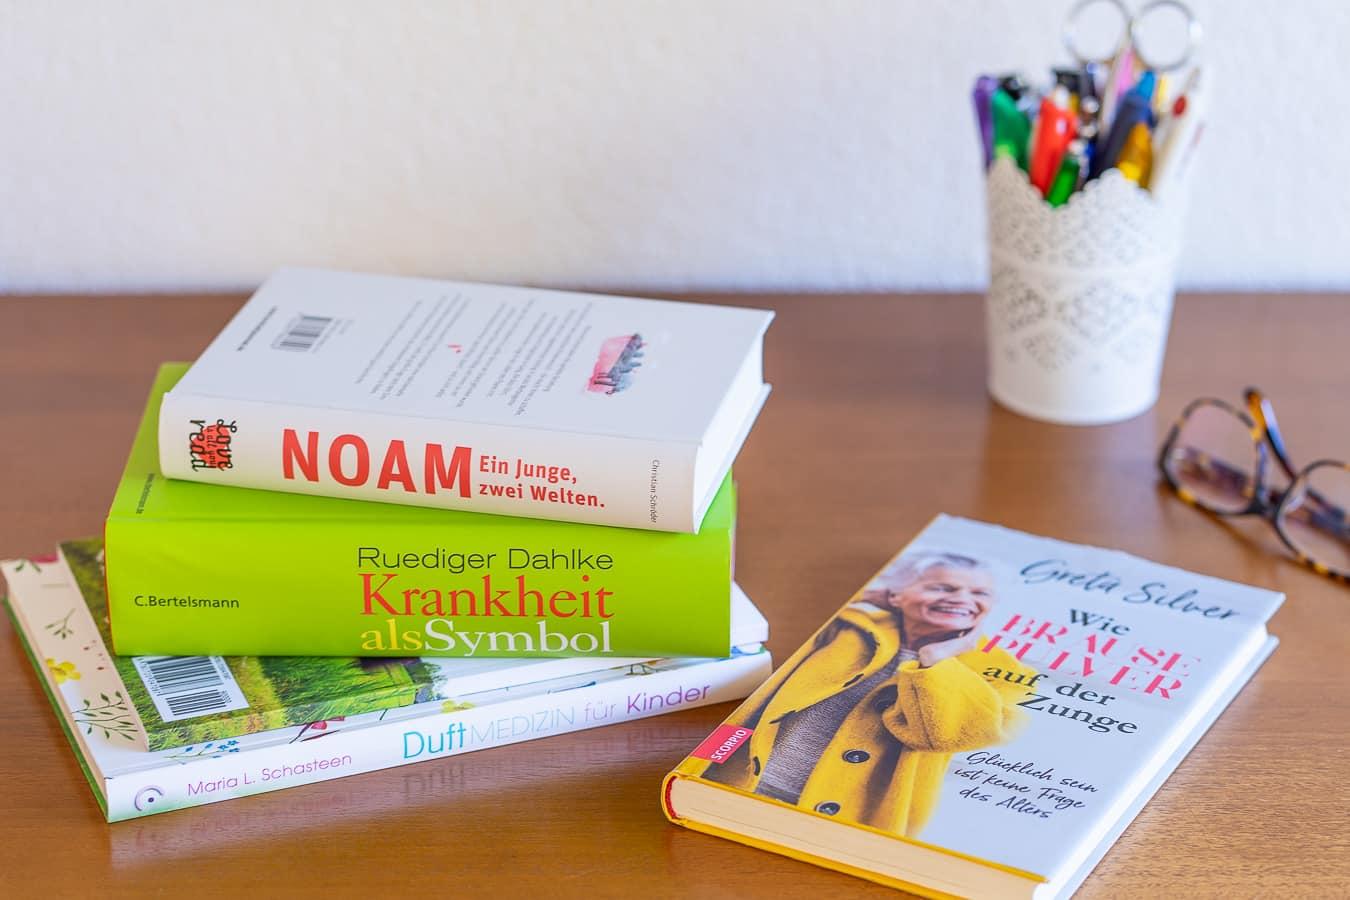 persönliche Buchempfehlung